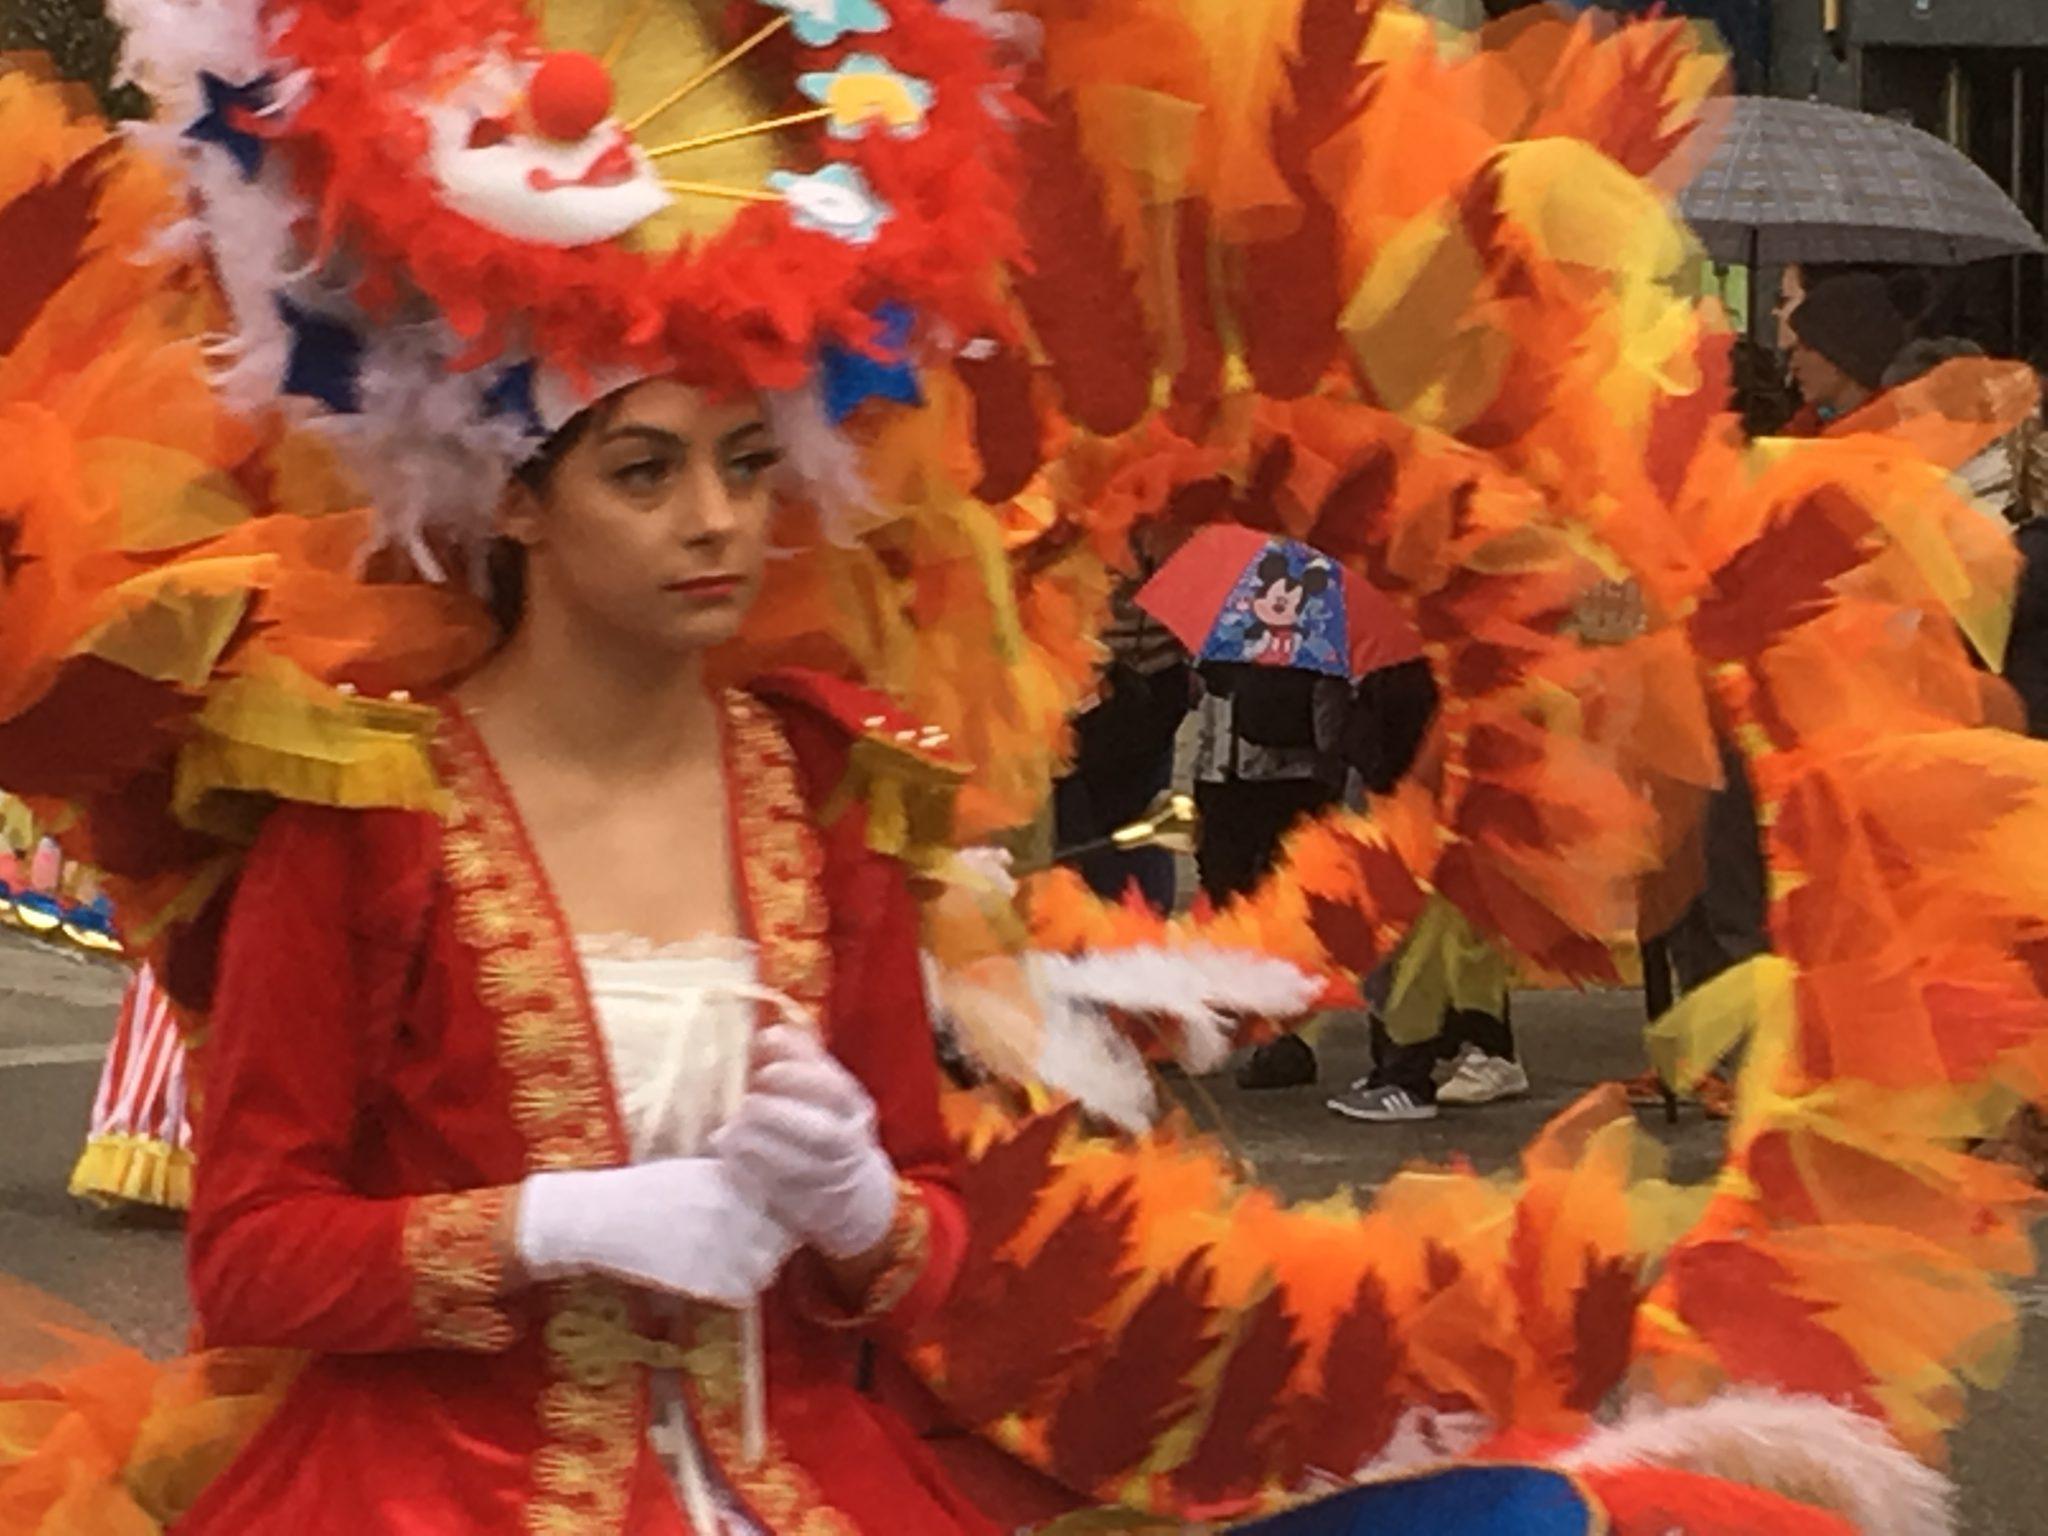 Álbum de fotos del martes de Carnaval 2019 en Ponferrada 14